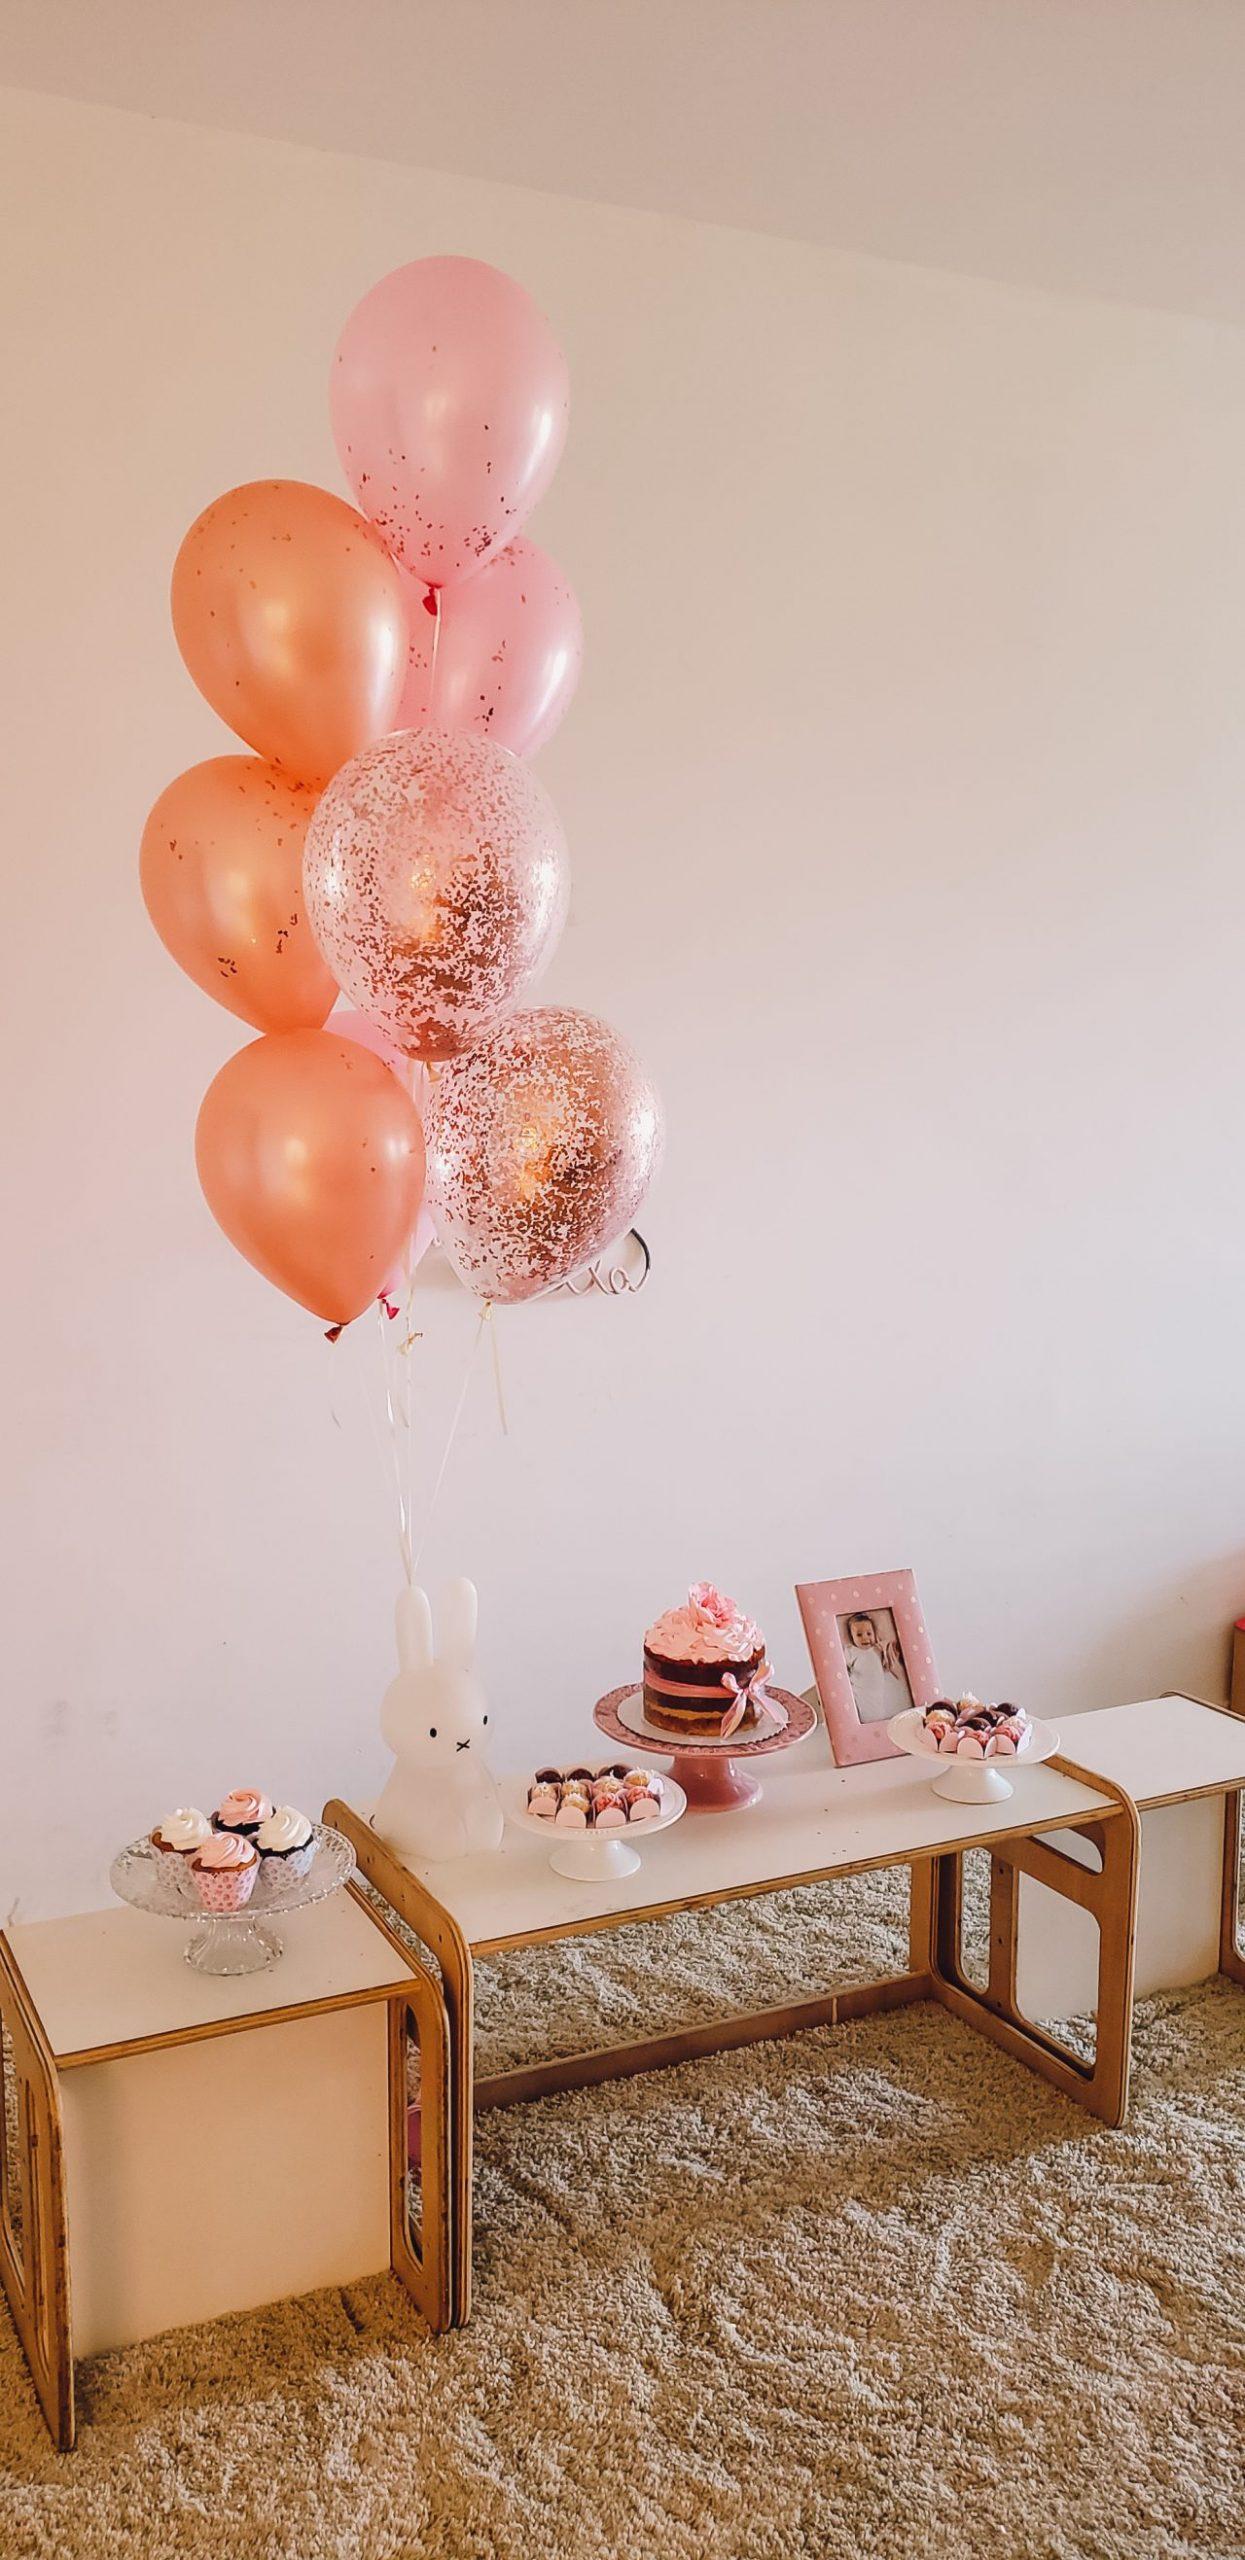 festa-aniversario-montessori-montessoriana-ludica-em-casa